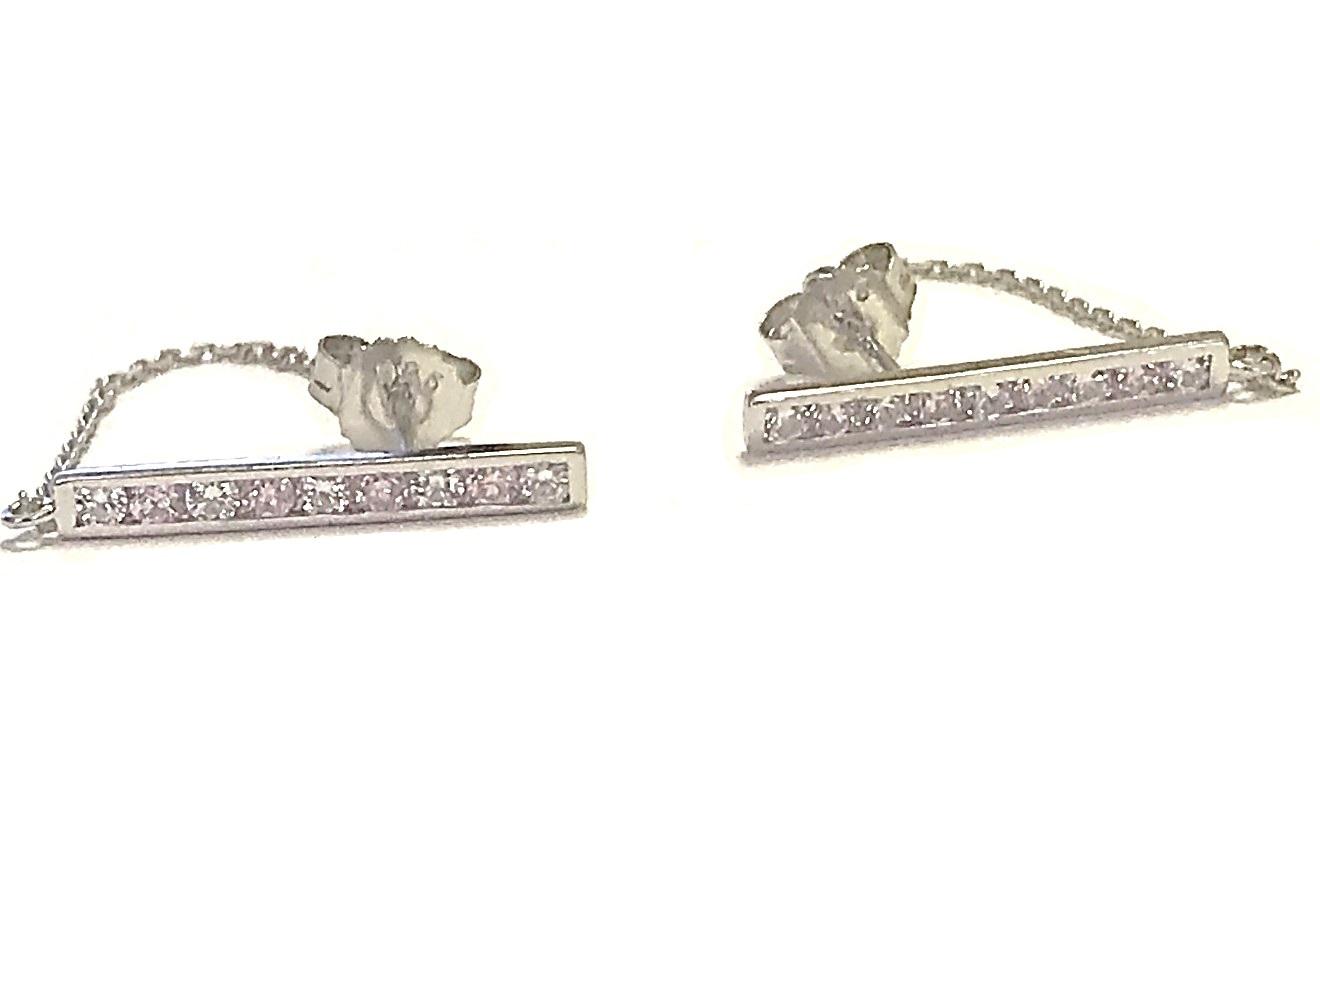 Boucles d'oreilles barre et chaîne - Argent sterling & Zircons cubiques (roses et blancs)